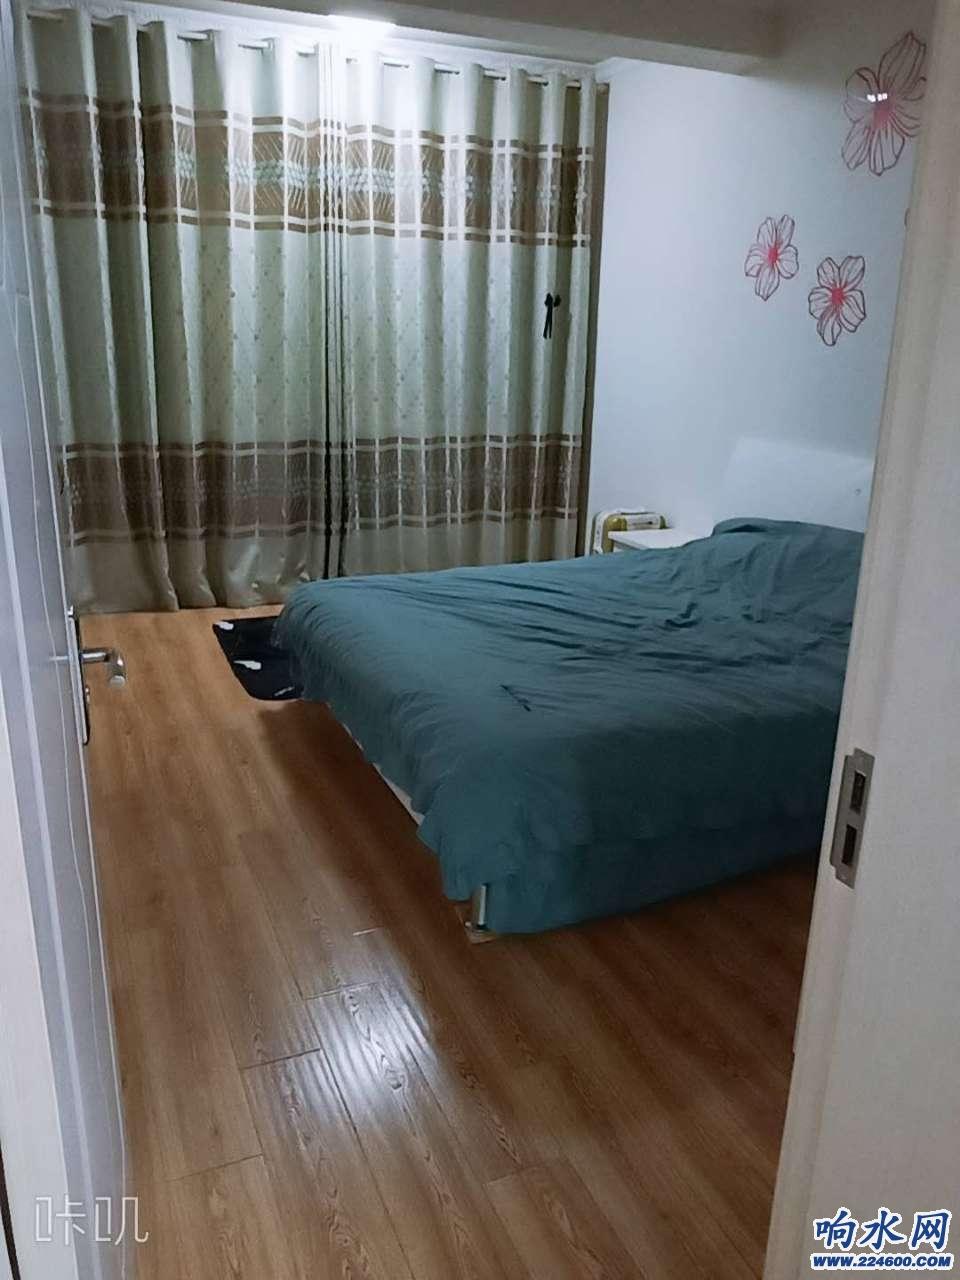 二室二厅套间出租,凤凰书城隔壁,二汽公司家属楼四楼